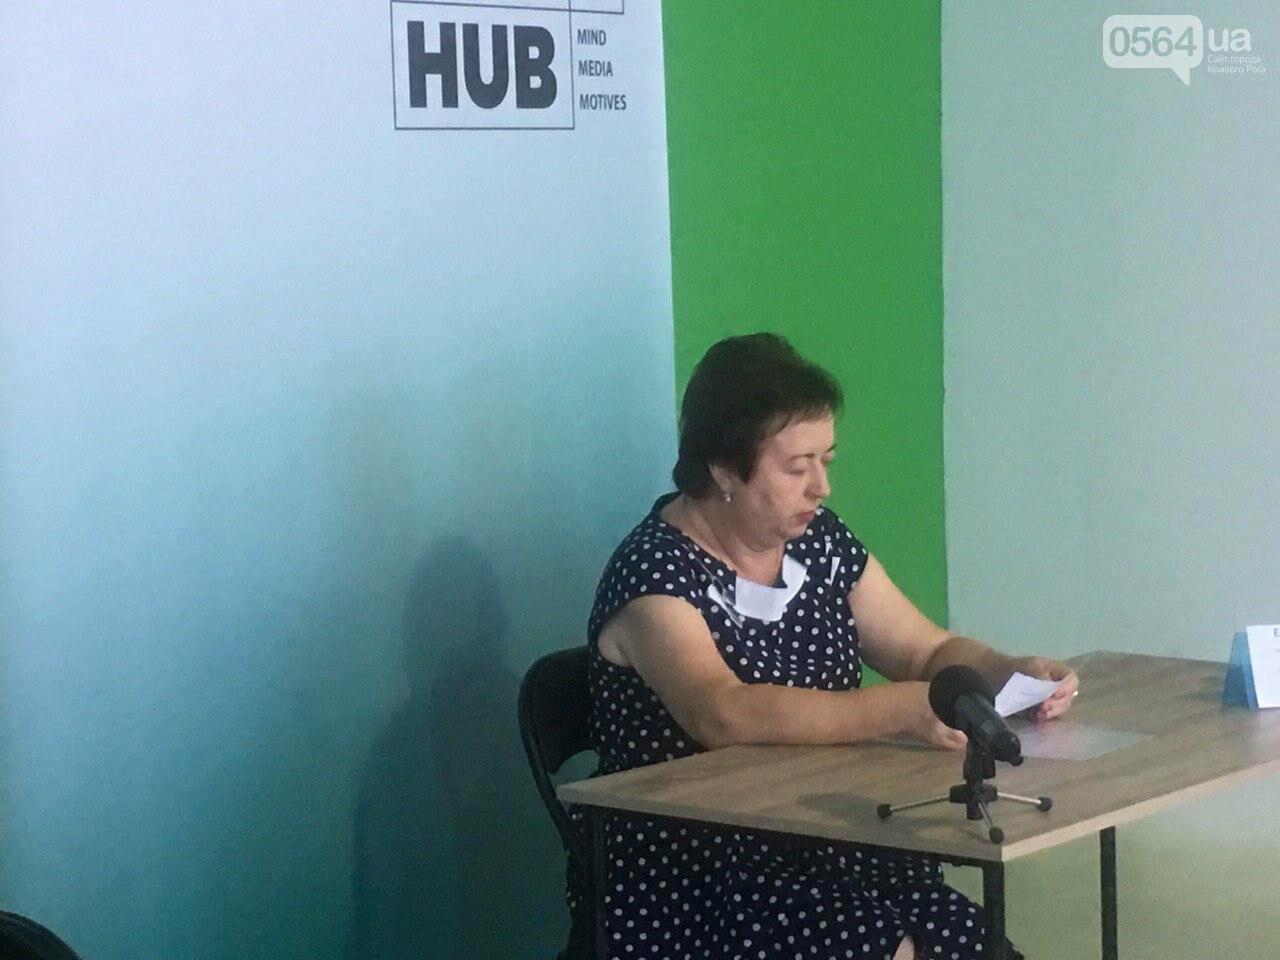 На Днепропетровщине в прошлом году 1 человек умер от лептоспироза. Криворожанам рассказали, как уберечься от болезни, - ФОТО, ВИДЕО , фото-6